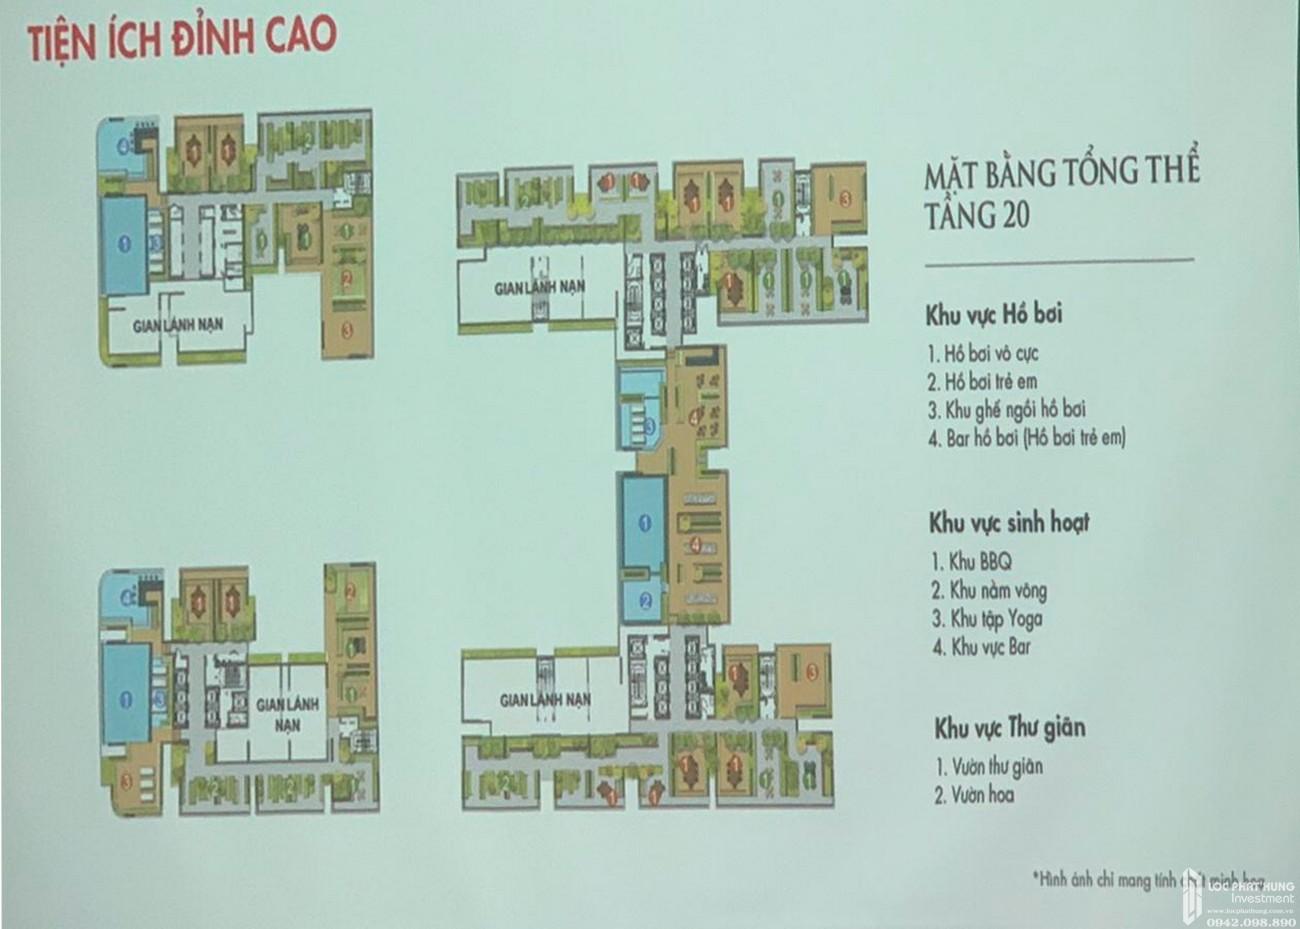 Tiện ích dự án căn hộ Astral City Bình Dương Đường Quốc lộ 13 chủ đầu tư Phát Đạt Group